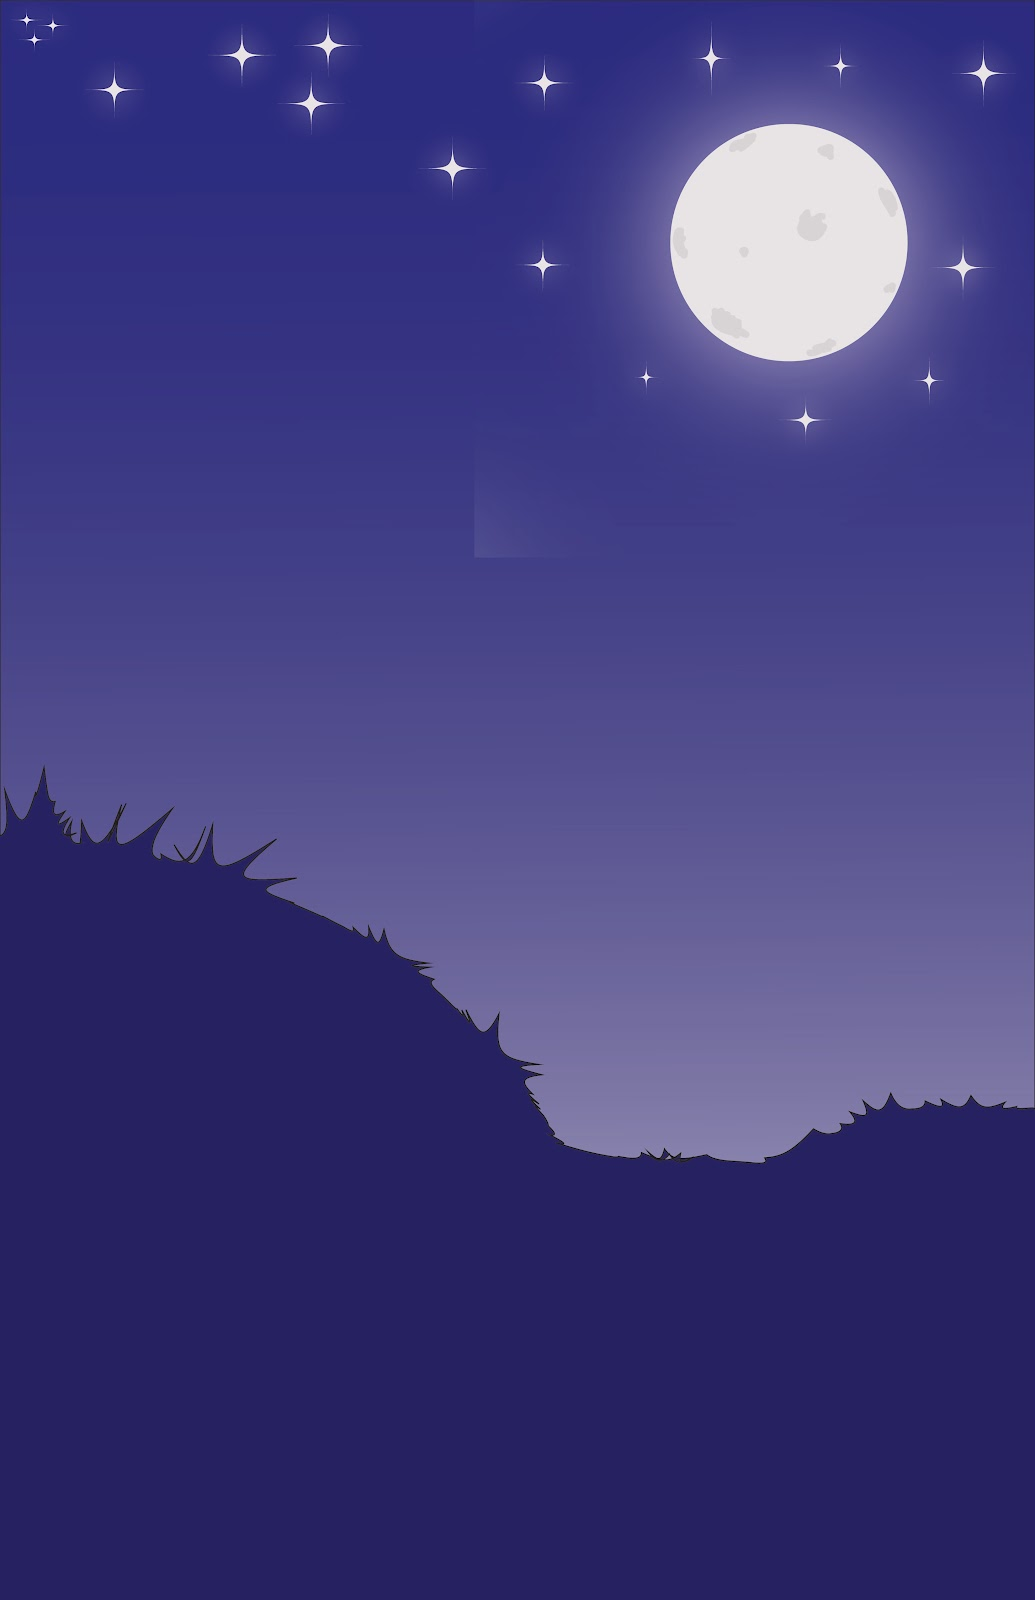 [42+] Night Time Desktop Wallpaper on WallpaperSafari